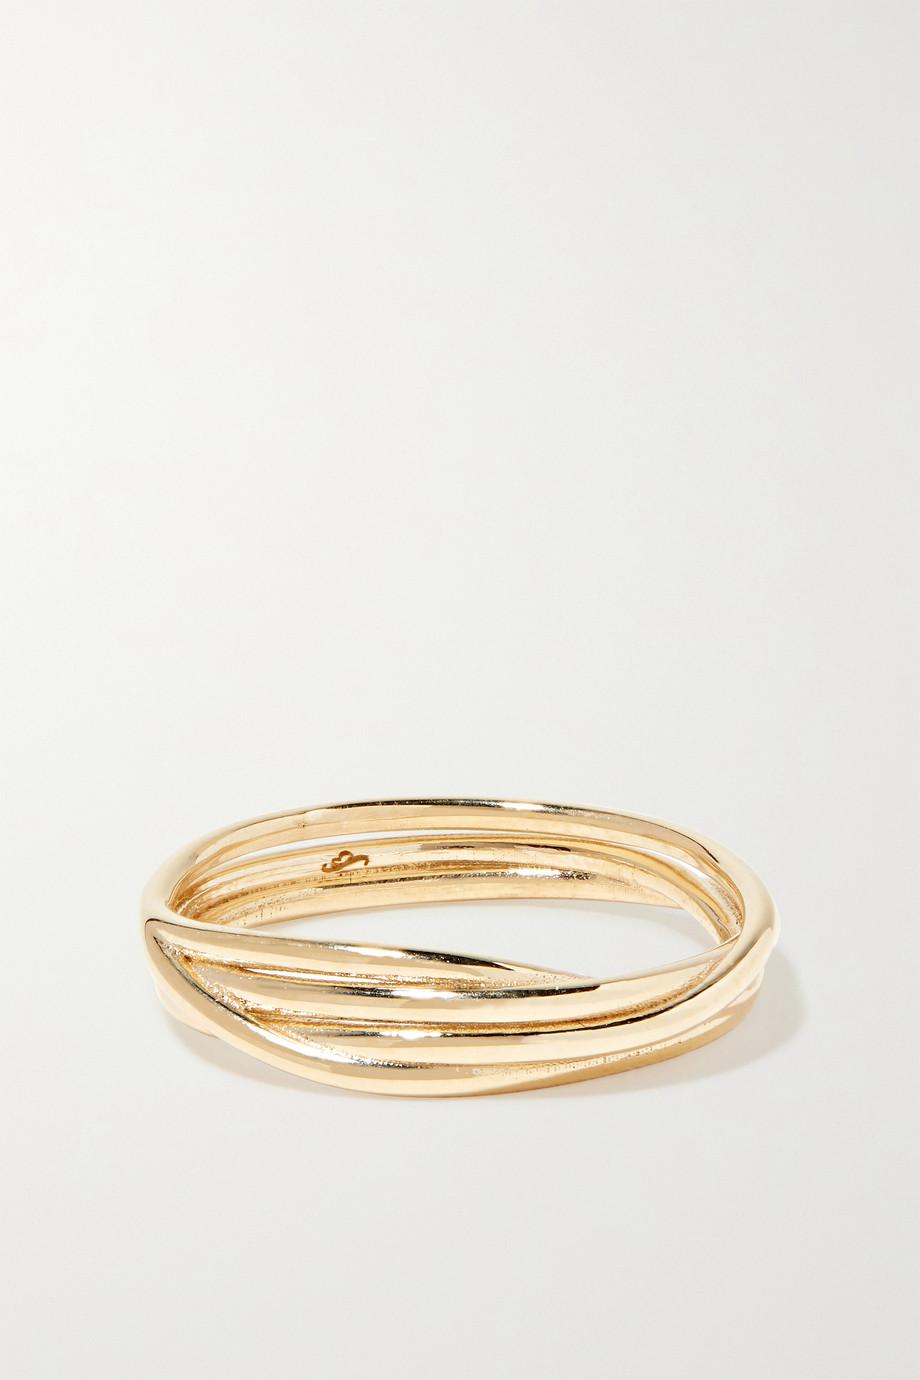 SARAH & SEBASTIAN Bound Ring aus 10 Karat Gold